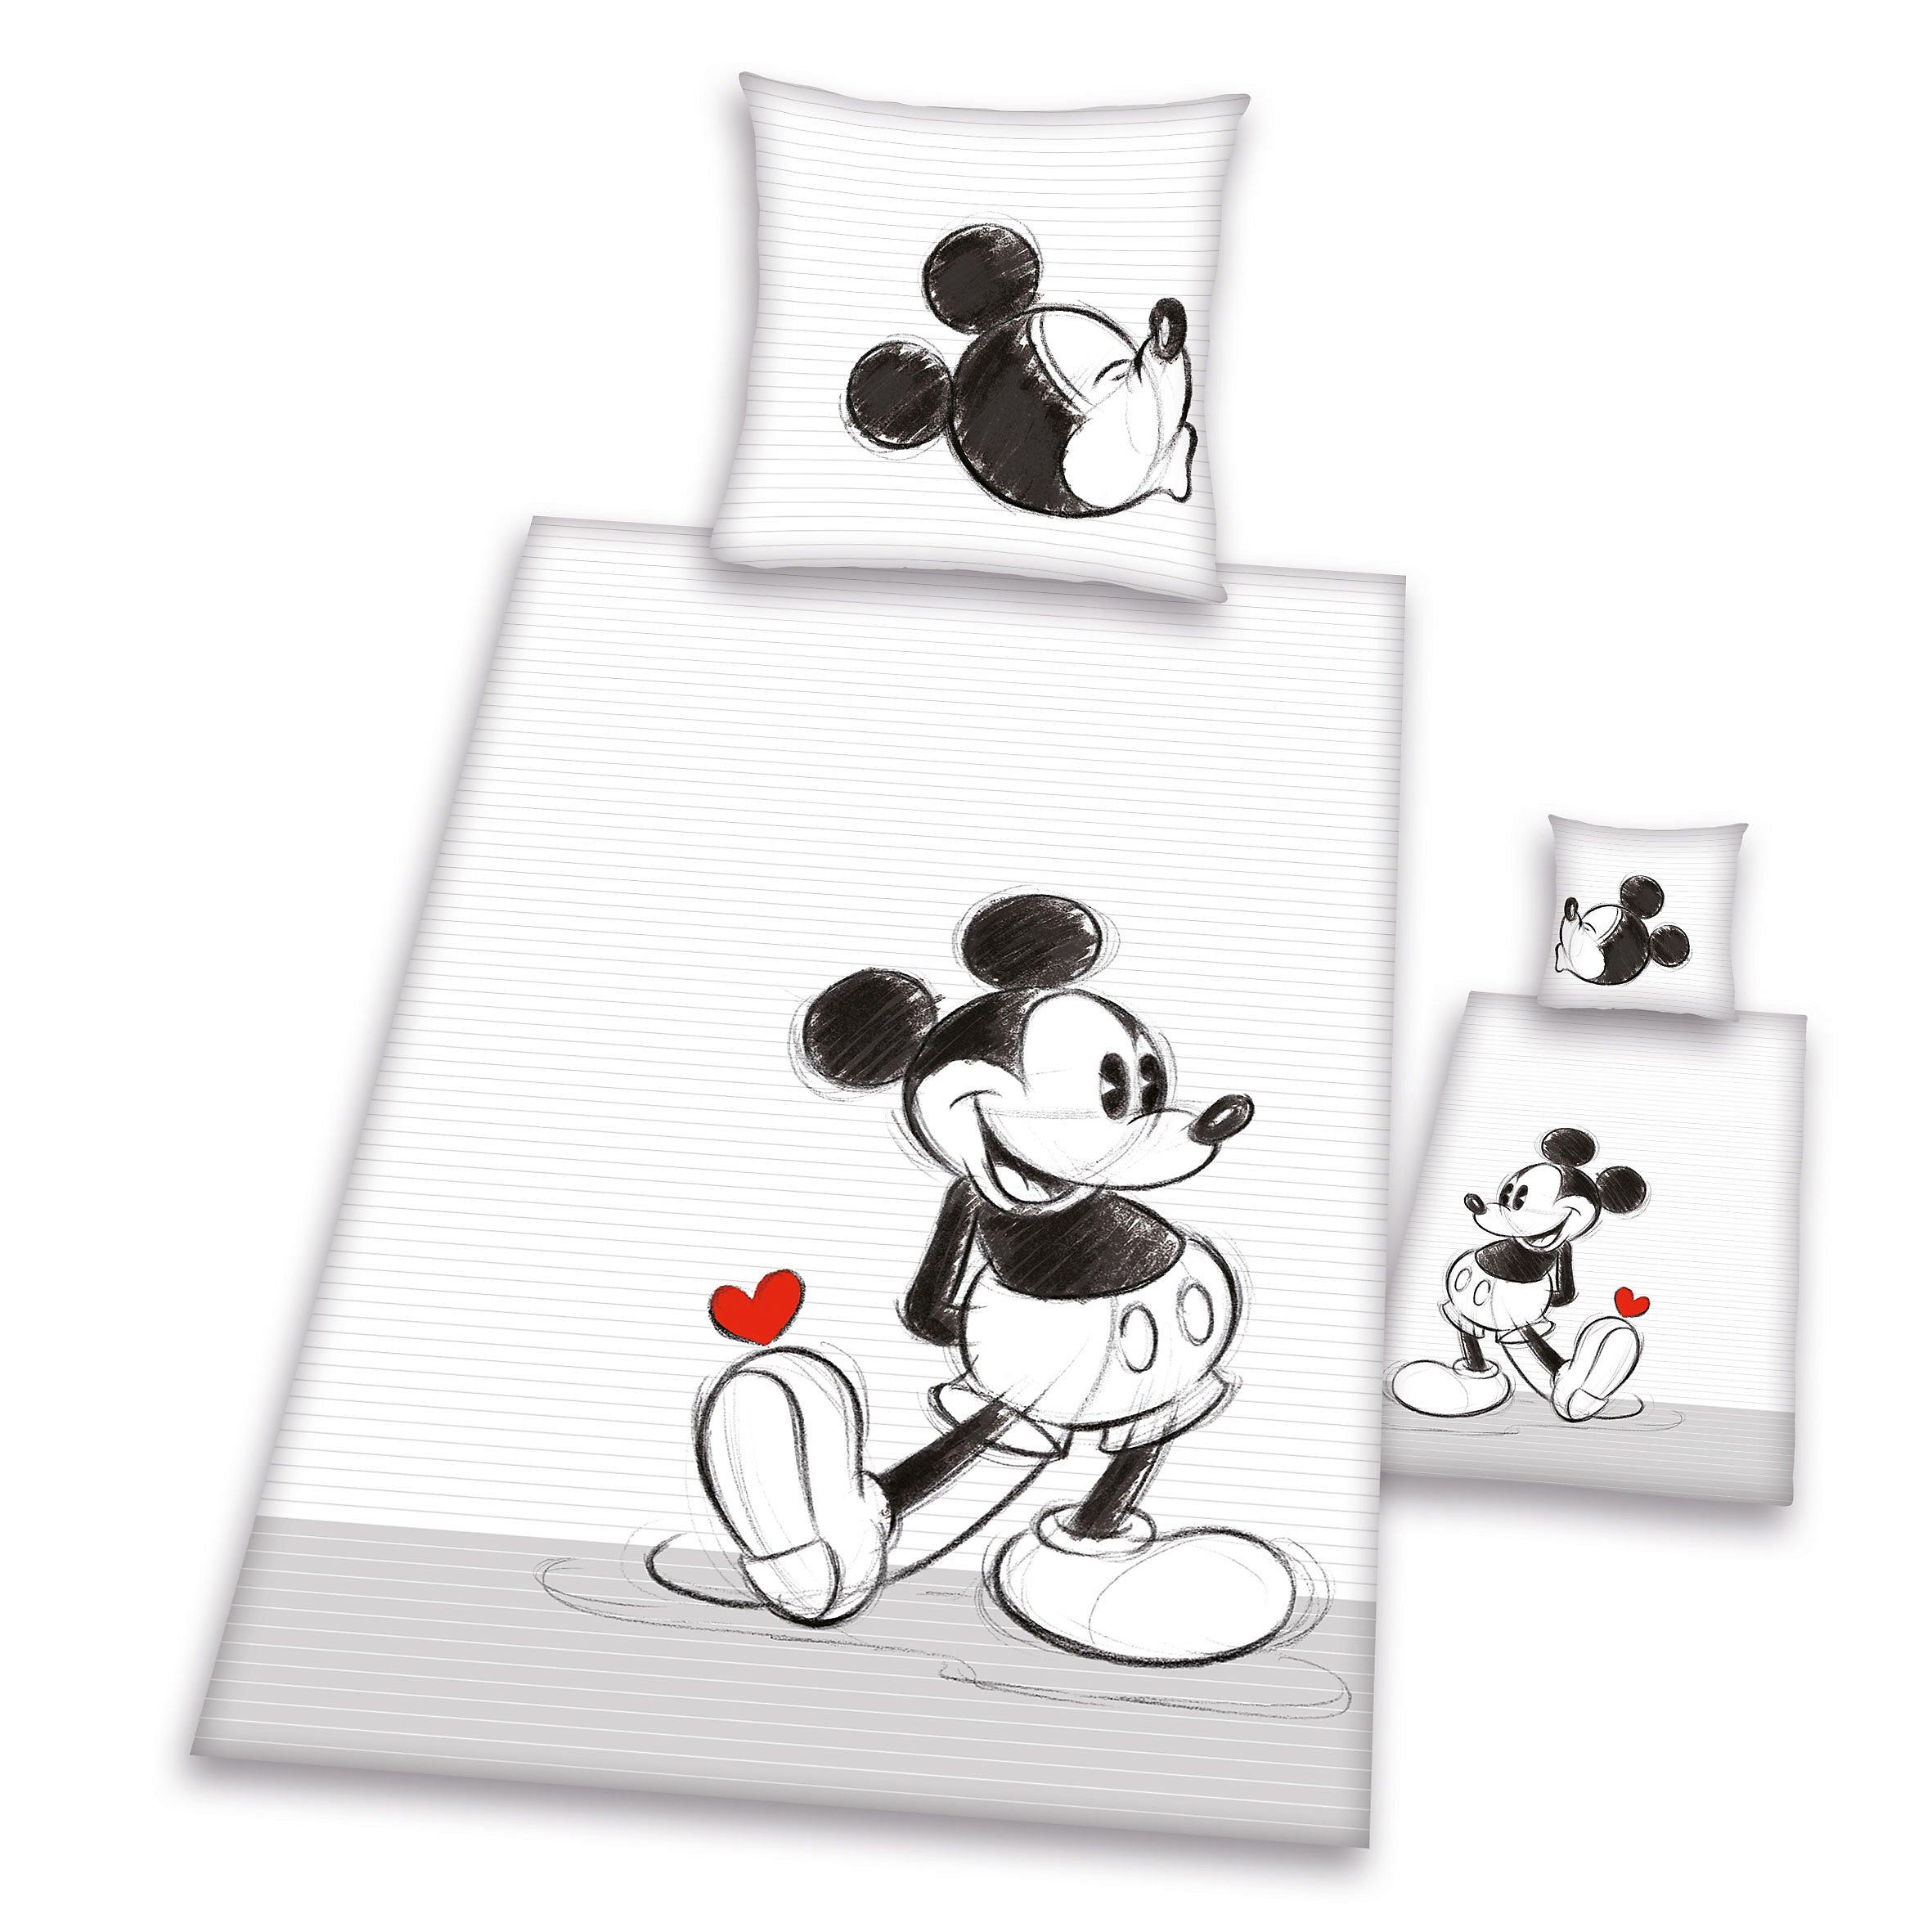 Partner Bettwäsche Mickey Minnie Doppelpack Grösse 135 X 200 Cm